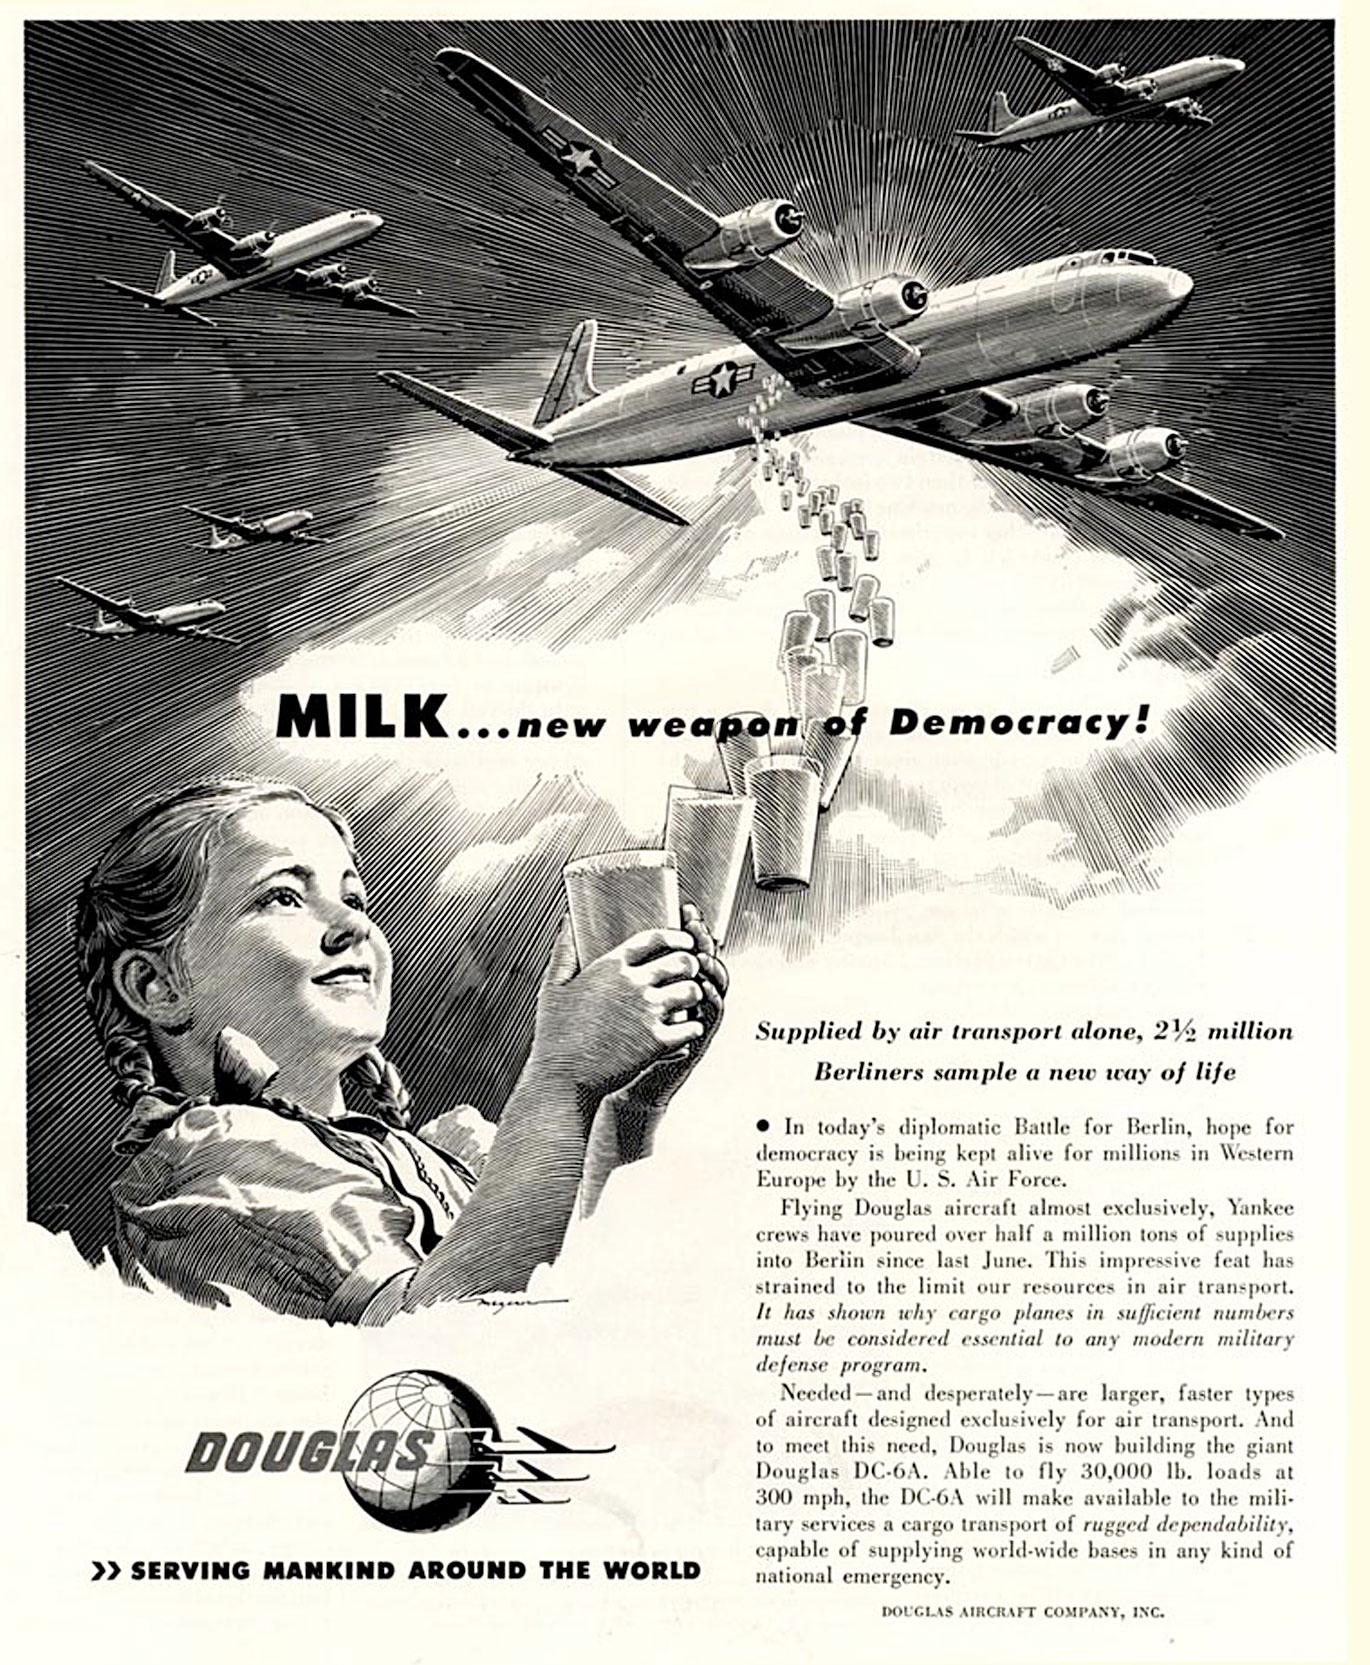 Douglas Aircraft Company - 1949